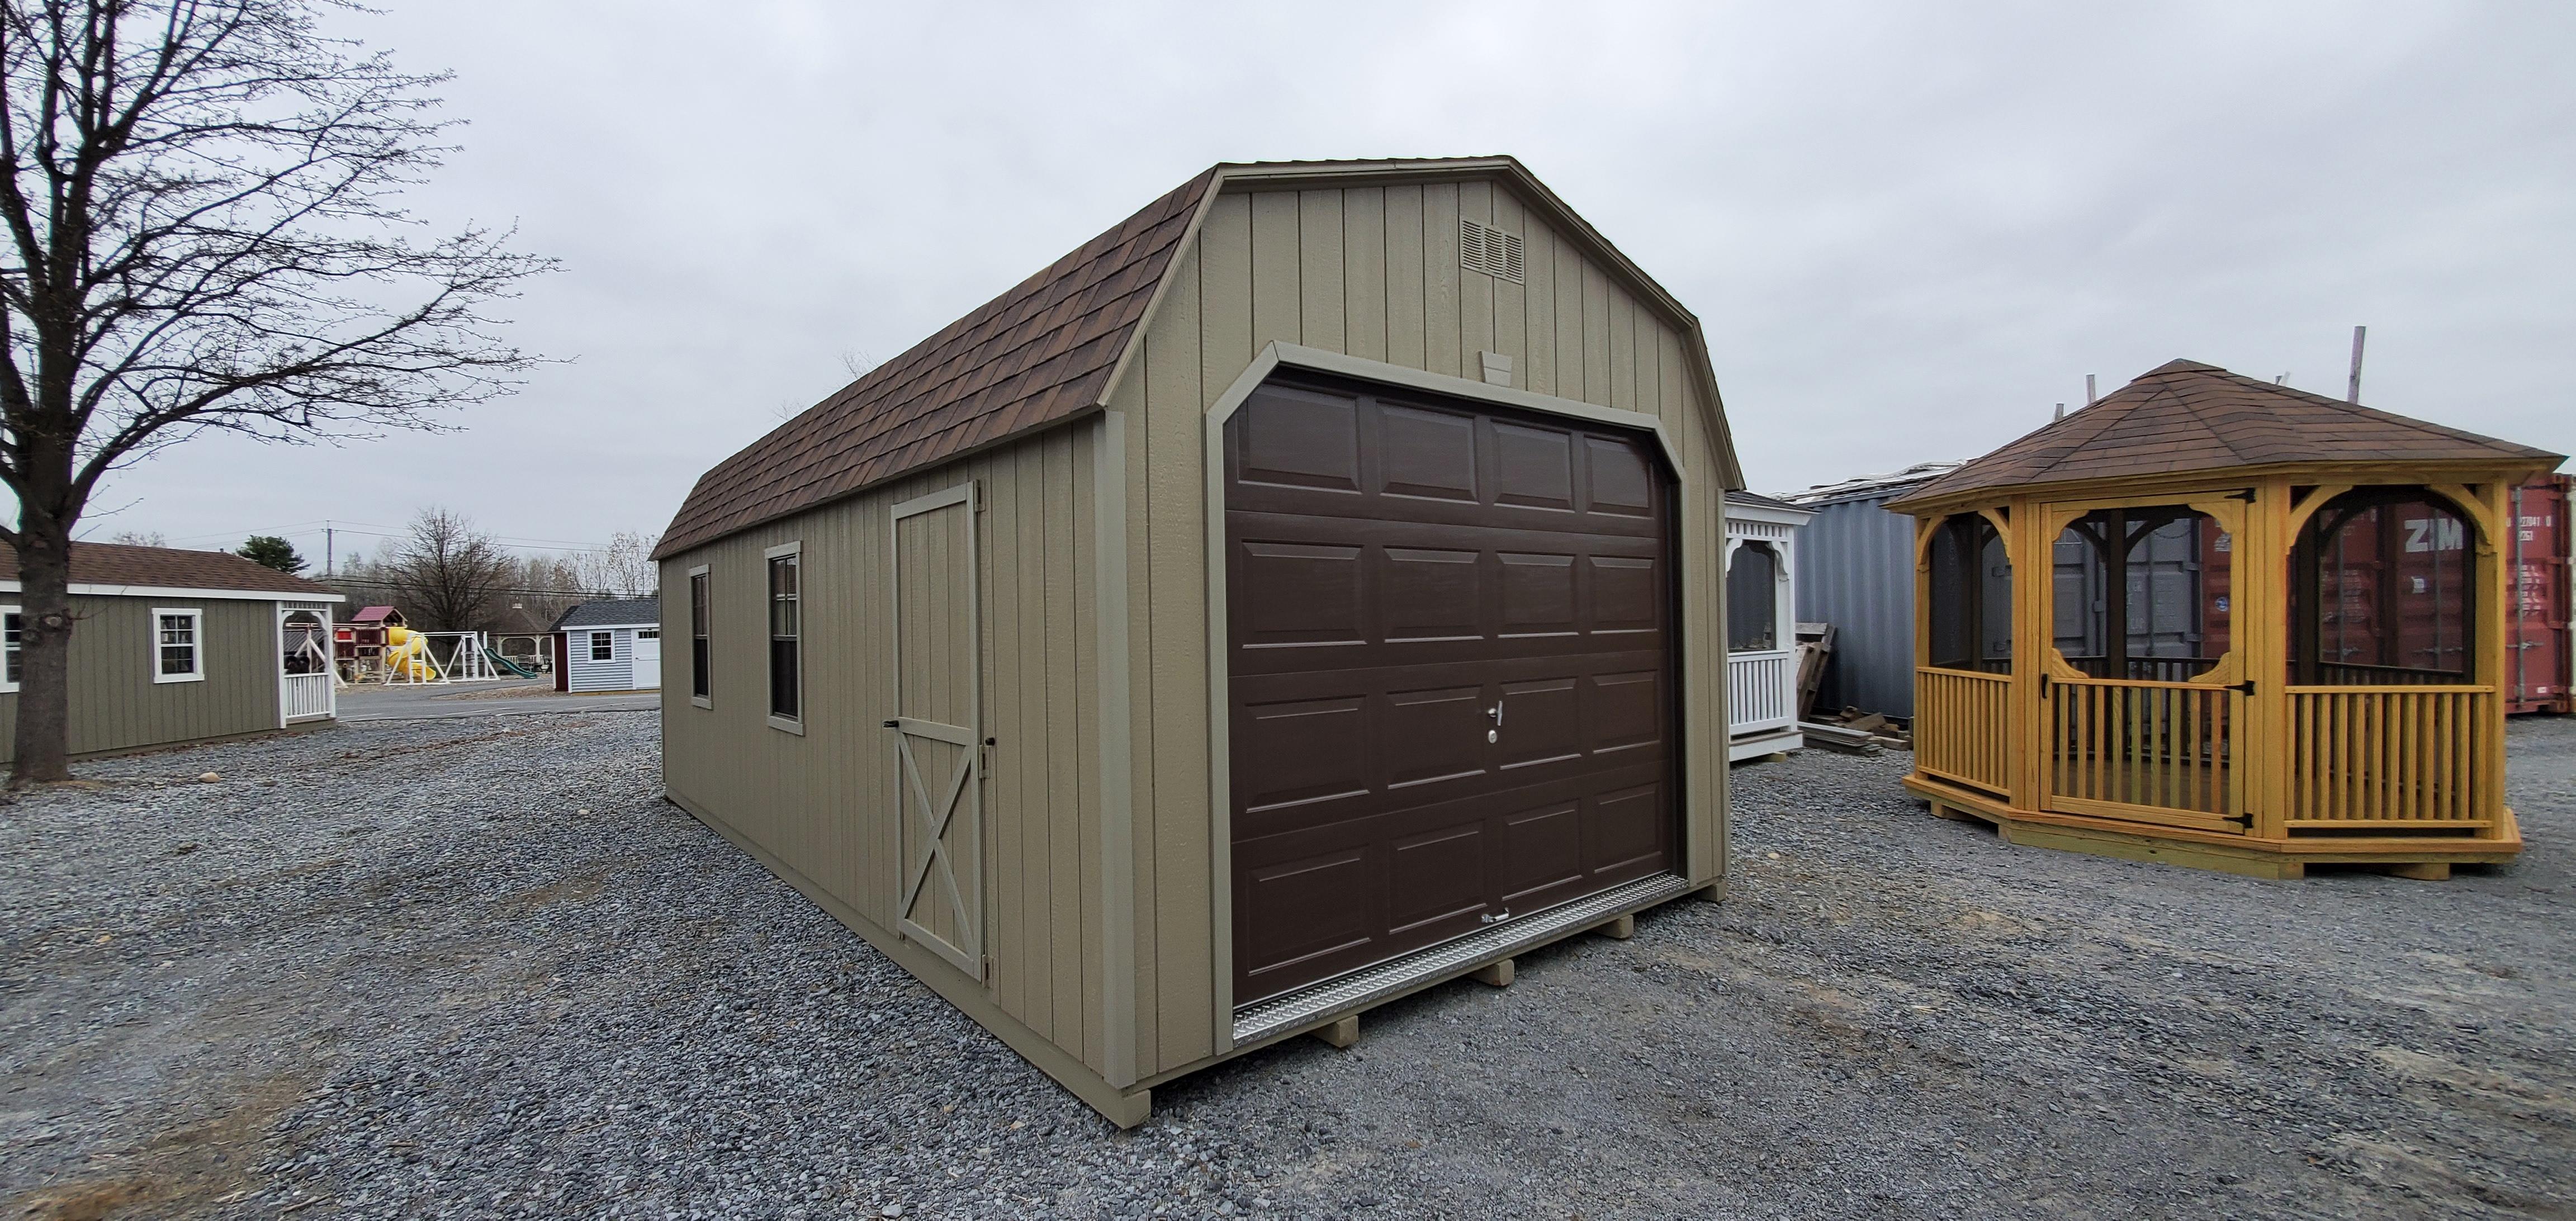 12' X 26' Duratemp Garage : Image 2